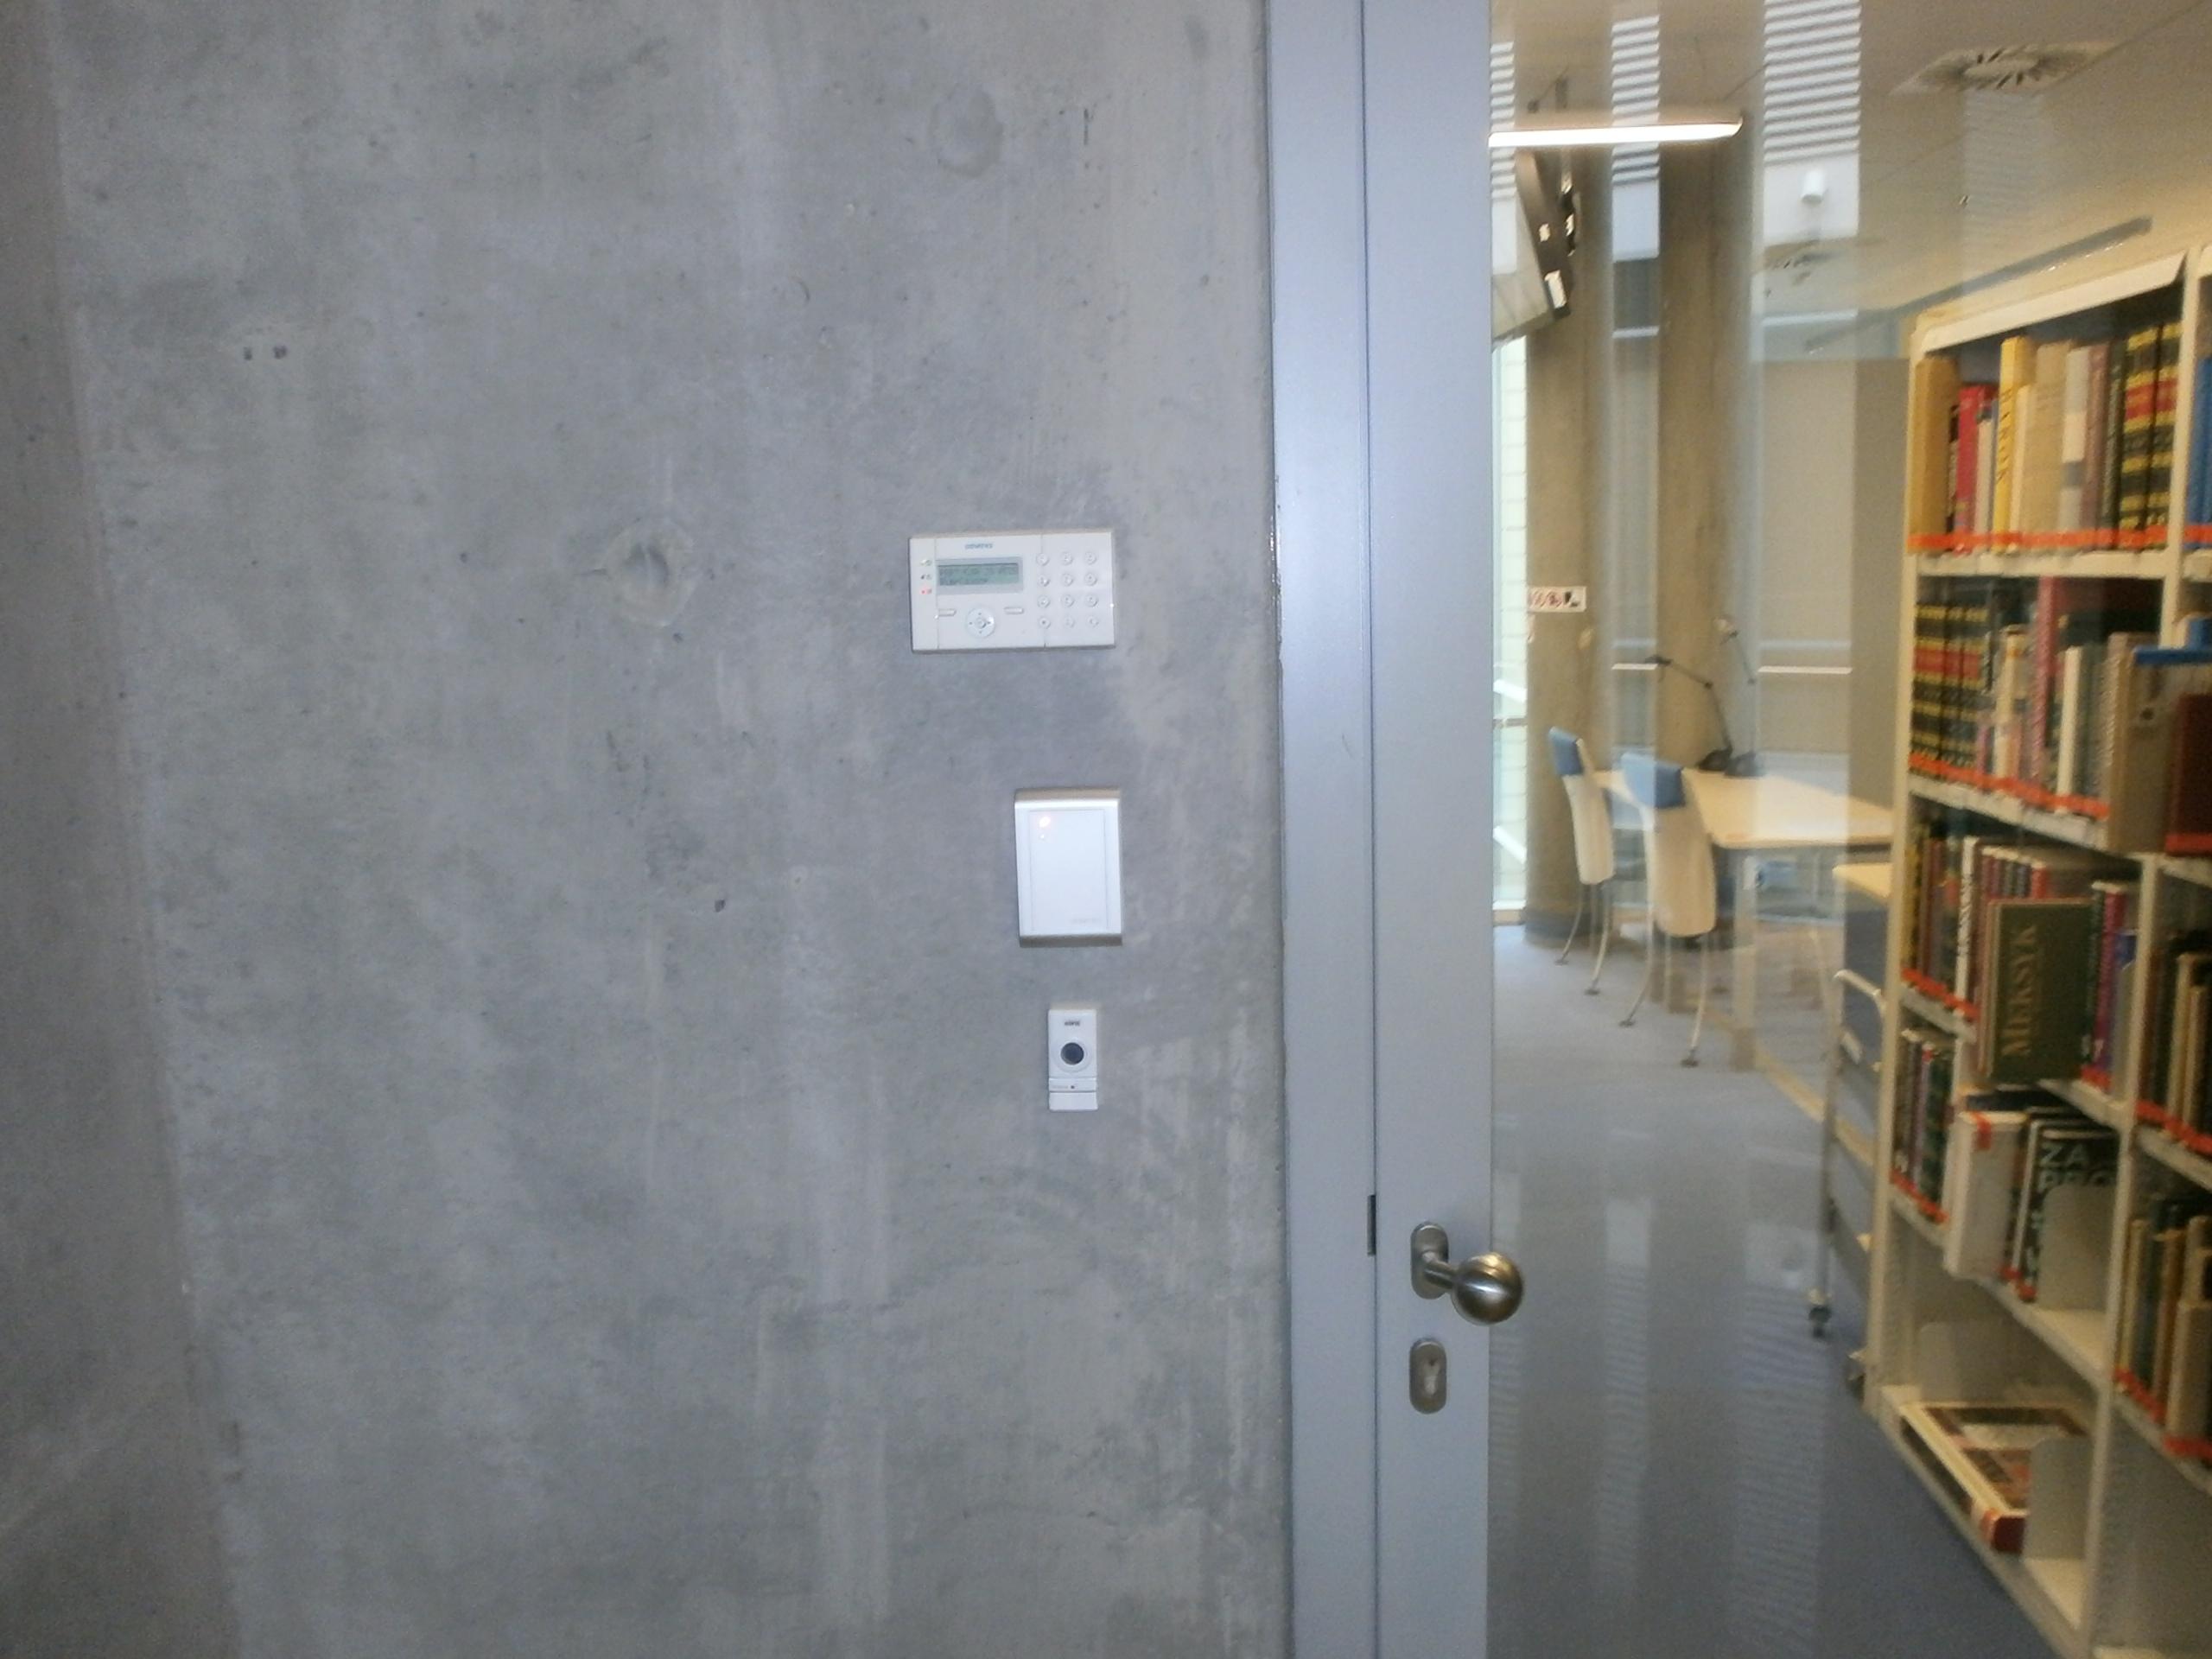 Nieoznaczone wejście do czytelni, specjalnie dla niepełnosprawnych - bo najbliżej windy - dzwonek